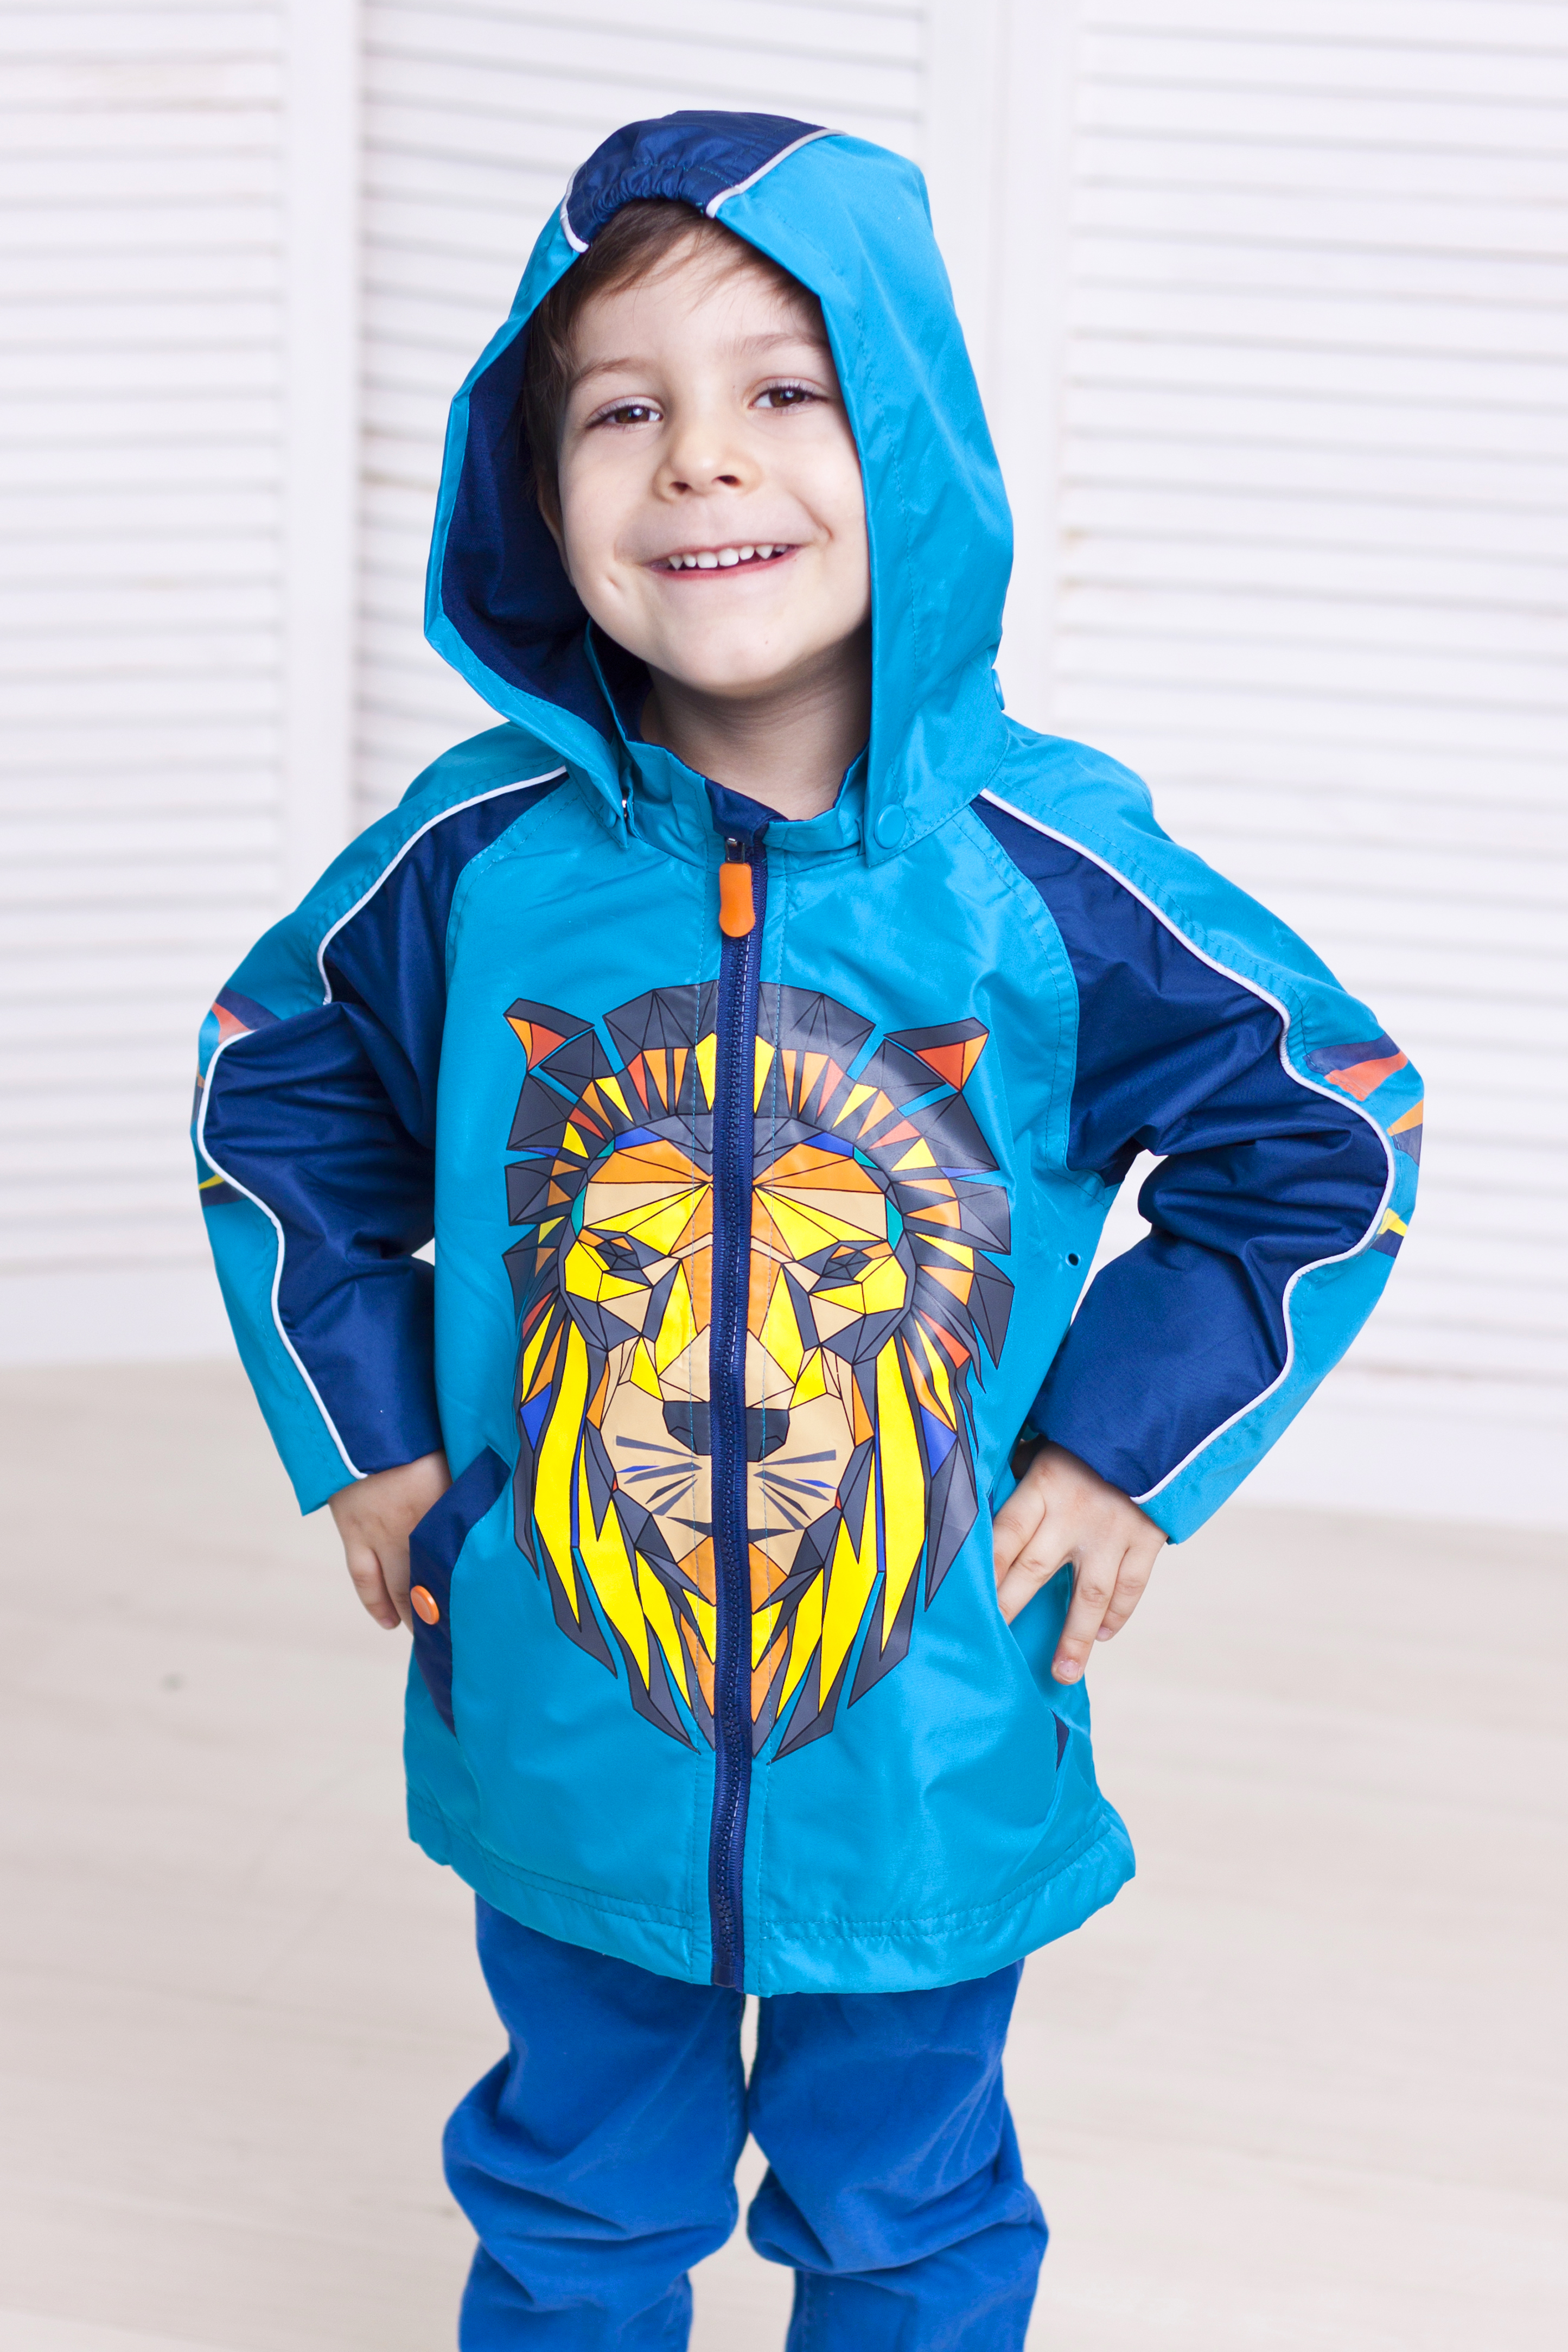 Куртка демисезонная для мальчика   ЛевДетские куртки<br>Легкая и оригинальная куртка с изображением льва из весенней линейки OLDOS отлично защитит Вашего маленького модника от весеннего ветра и дождика благодаря водонепроницаемой пропитке PU и водооталкивающему покрытию WR на ткани.<br><br>Размер: 86, 92, 98, 104<br>Цвет: Голубой